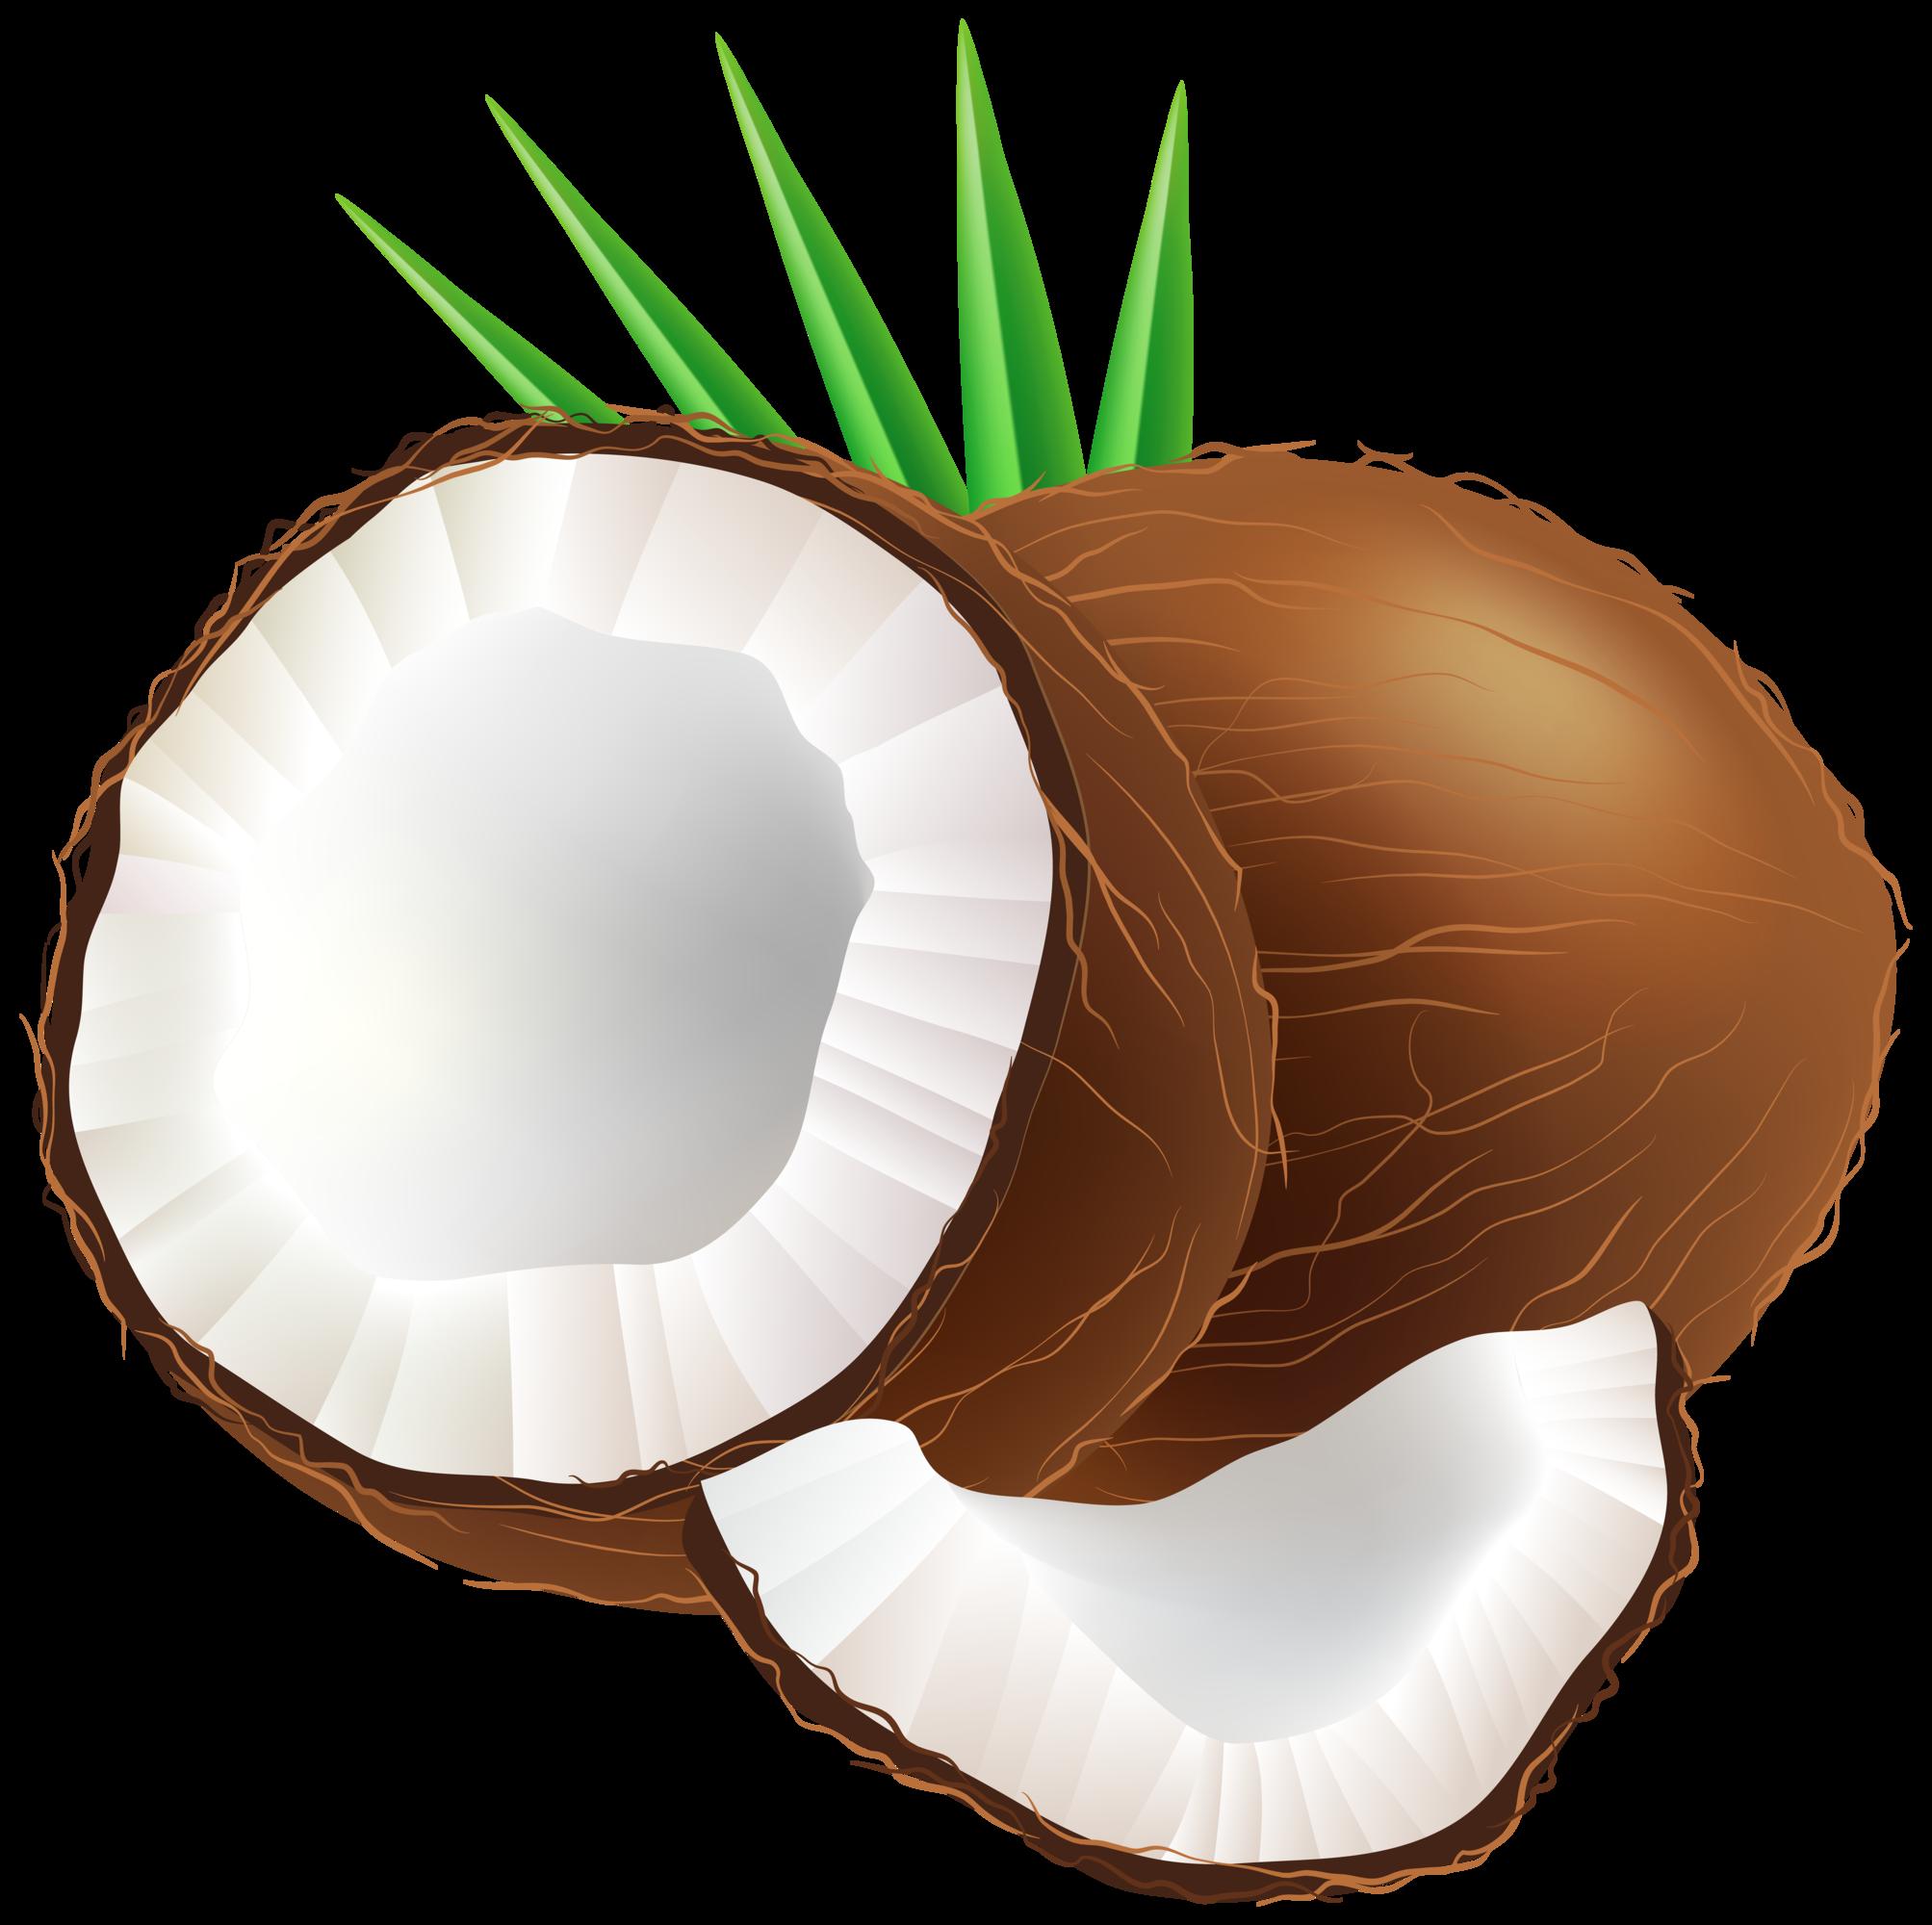 Png clip art . Coconut clipart